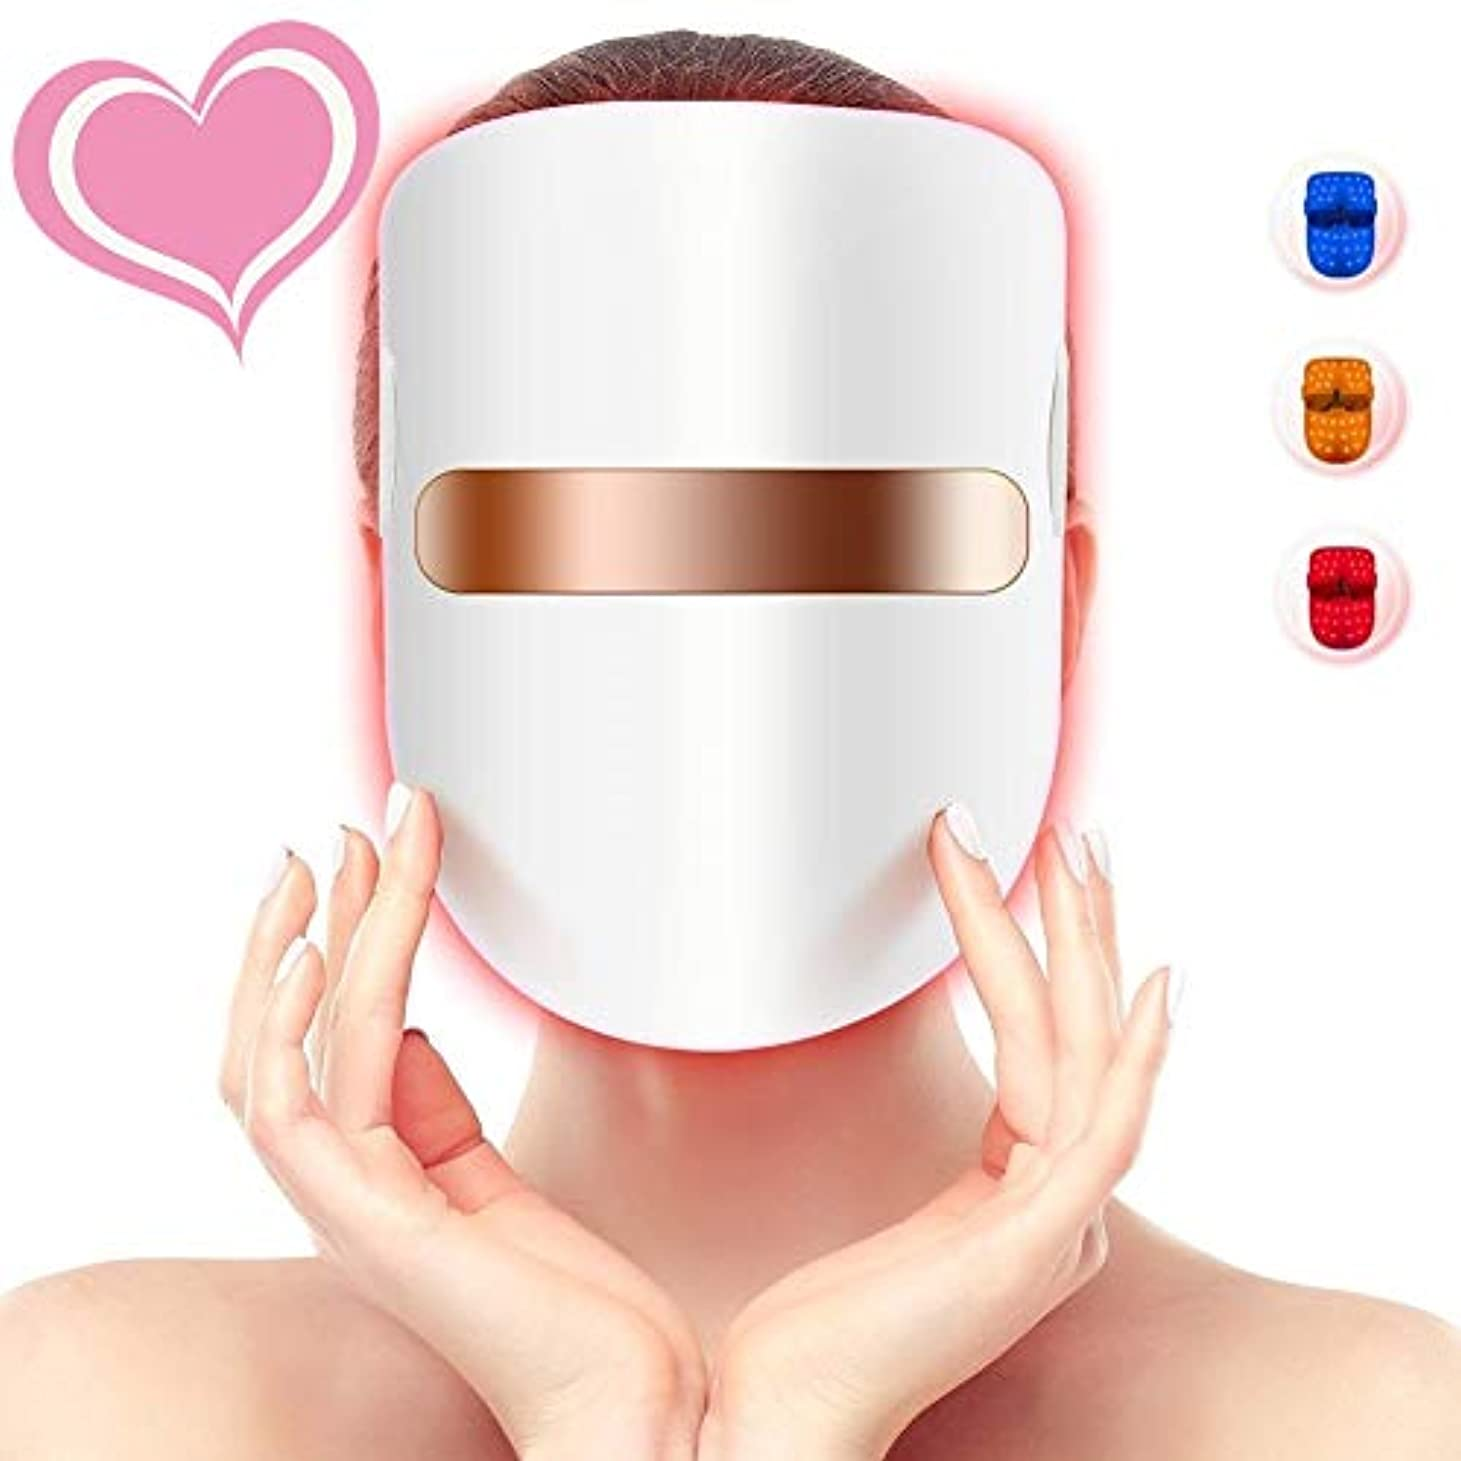 丁寧神秘的な曲3色の軽い療法のアクネのマスク、LEDの顔のマスク、導かれた光子療法の顔の美のマスクのにきびのしわのコラーゲンの顔のスキンケアの若返りのための無制限の処置